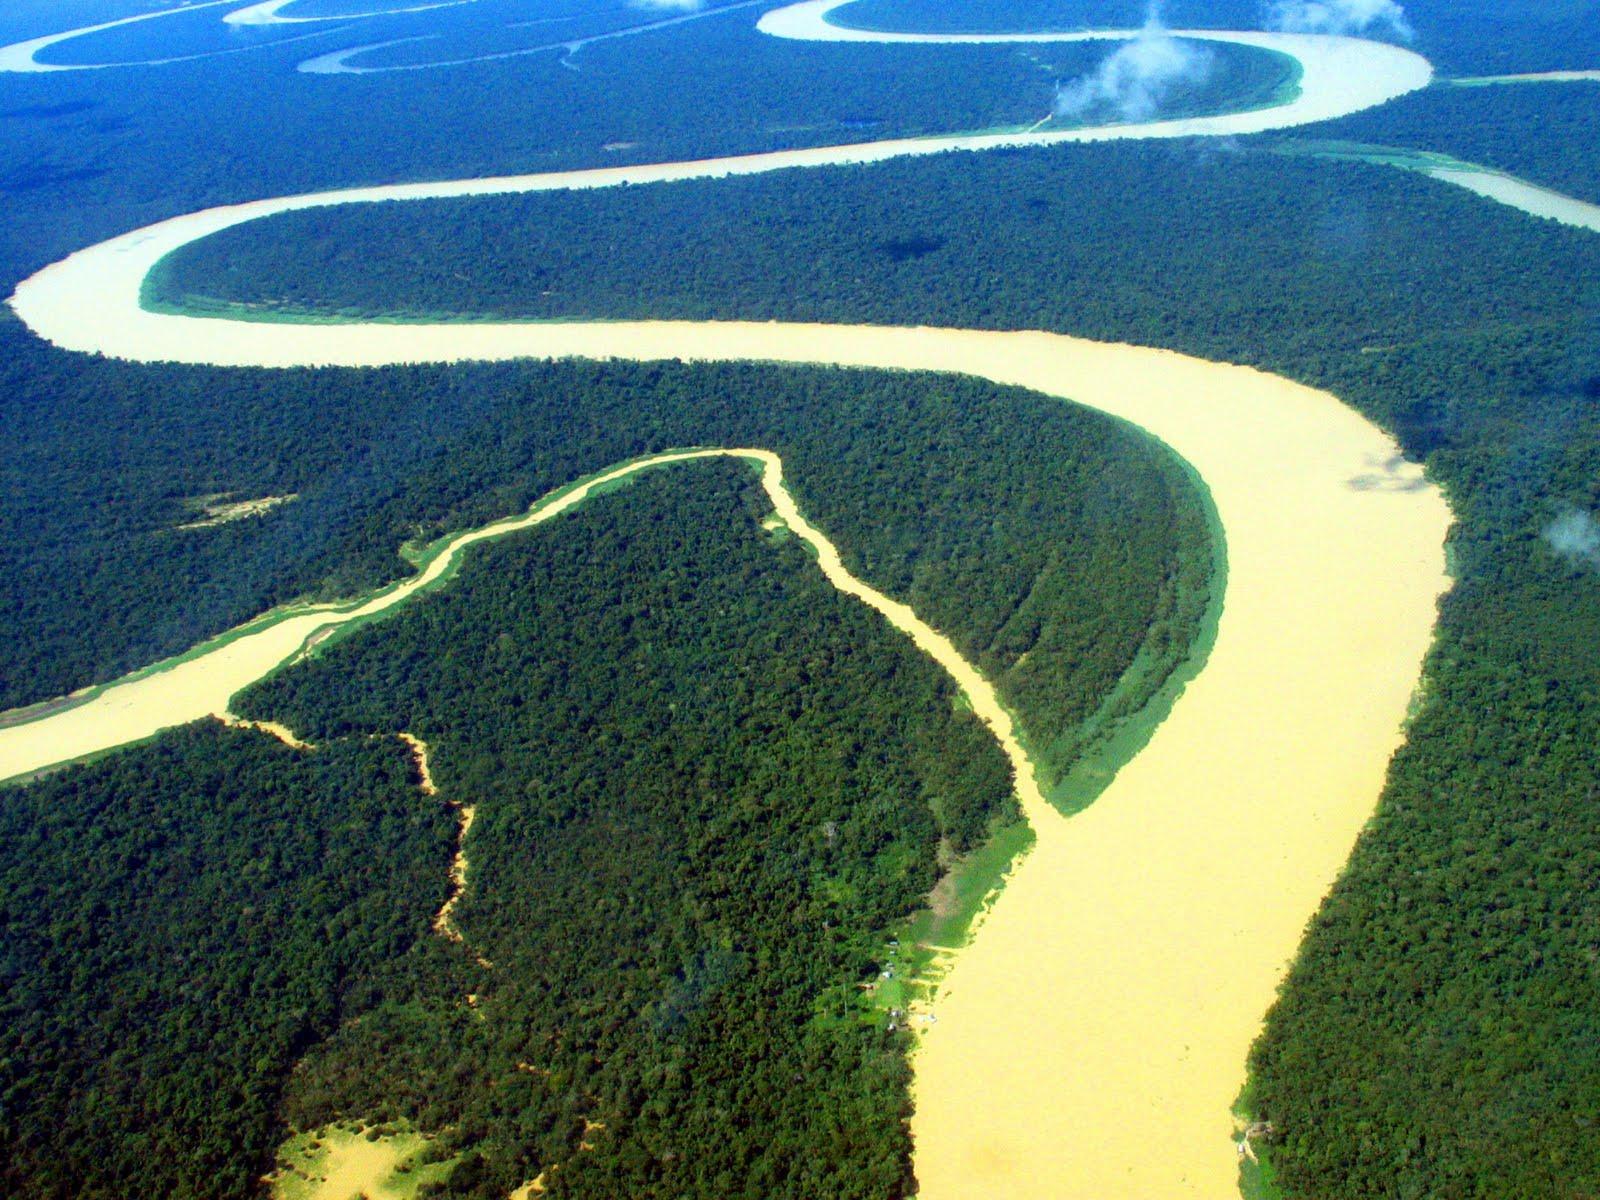 Científicos advierten que Hidrovía Amazónica afectará ecosistemas